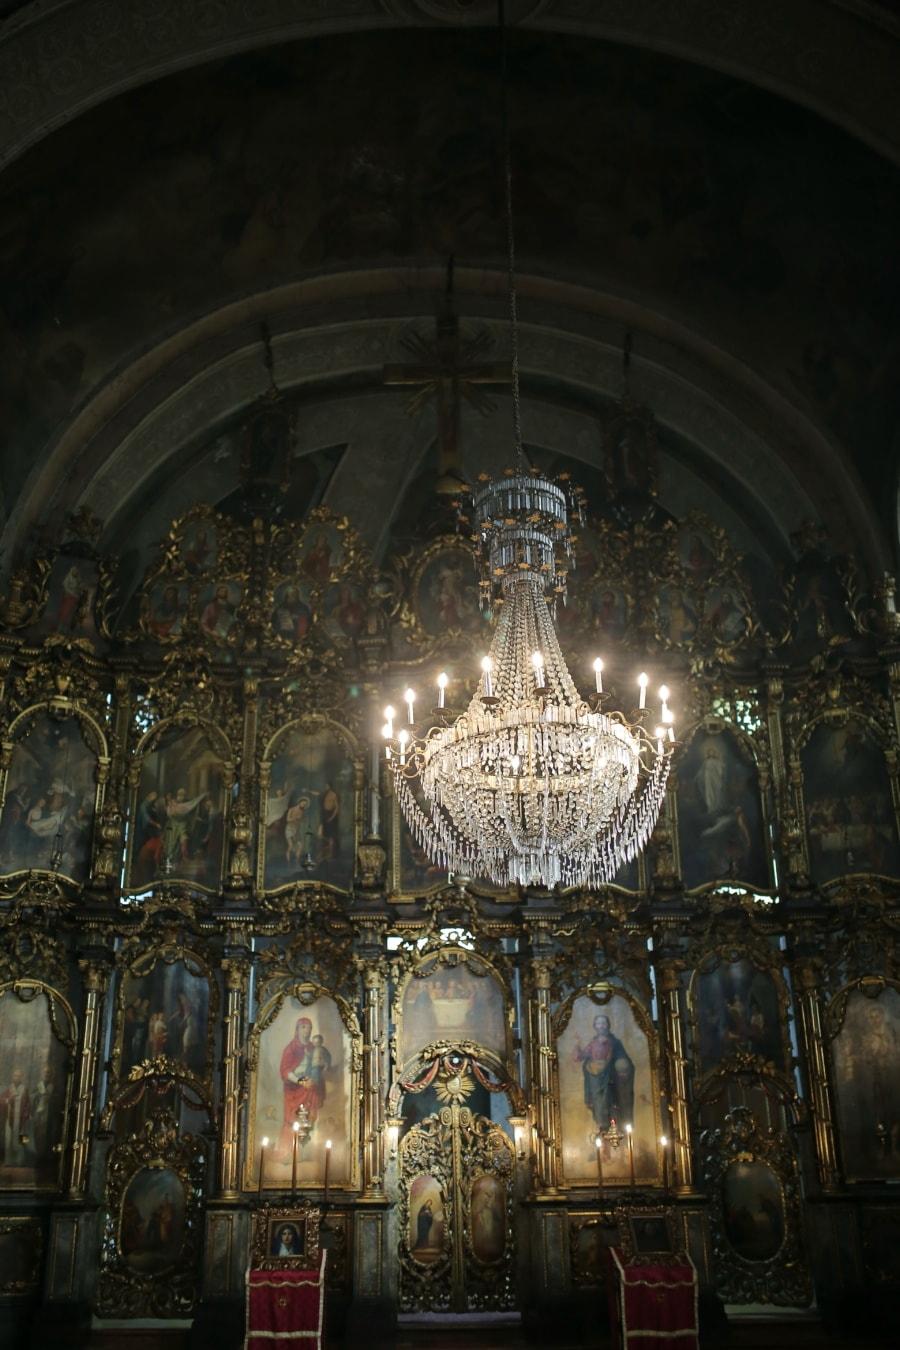 Ukraina, ortodokse, kirke, alteret, kristendom, innsiden, lysekrone, krystall, arkitektur, struktur